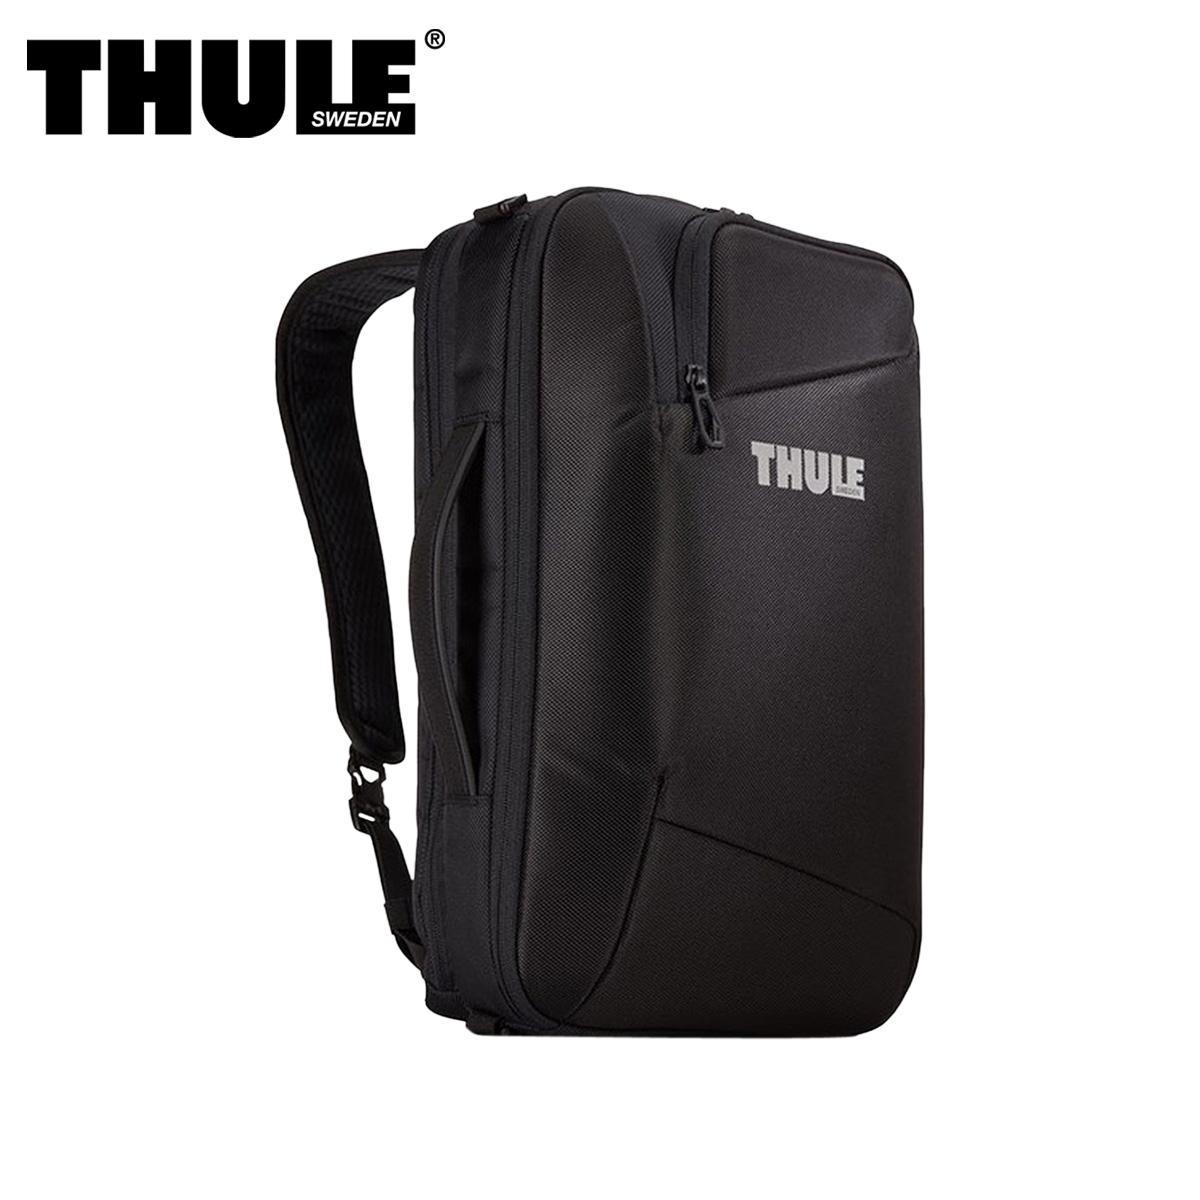 THULE 3WAY ACCENT LAPTOP BAG スーリー バッグ ビジネスバッグ ブリーフケース バックパック ショルダー アクセント メンズ レディース ブラック 黒 3203625